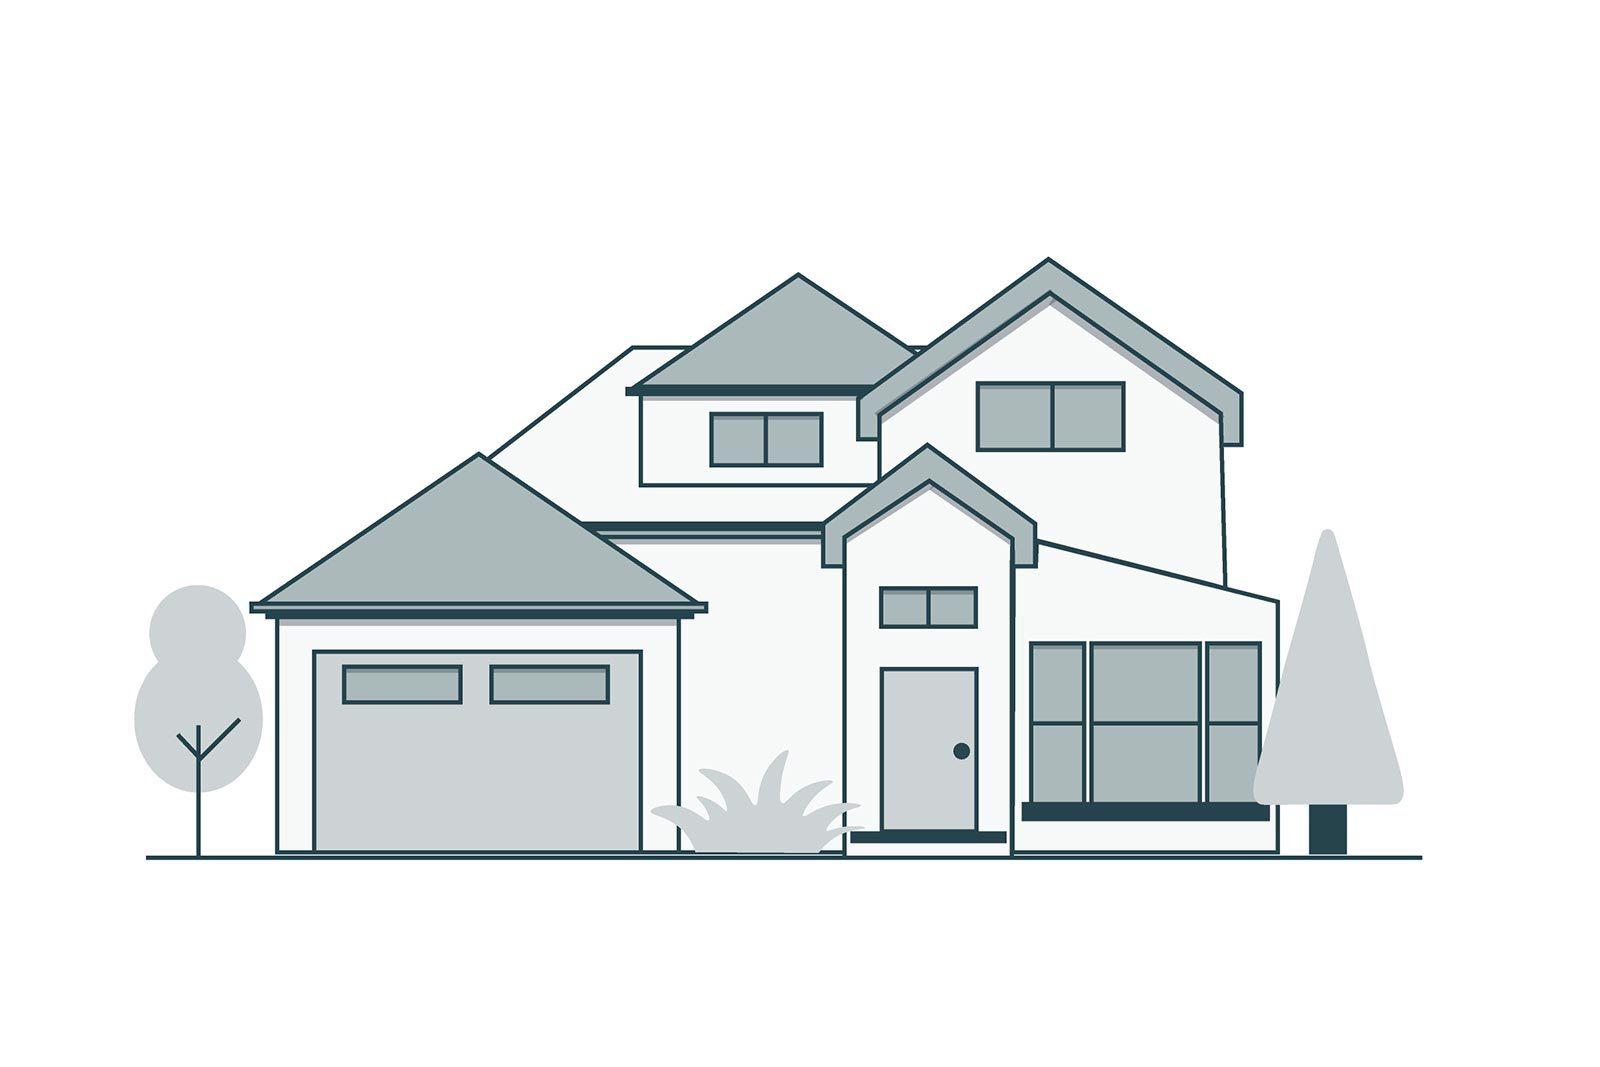 8021 Marigola Drive El Dorado Hills, CA 95762